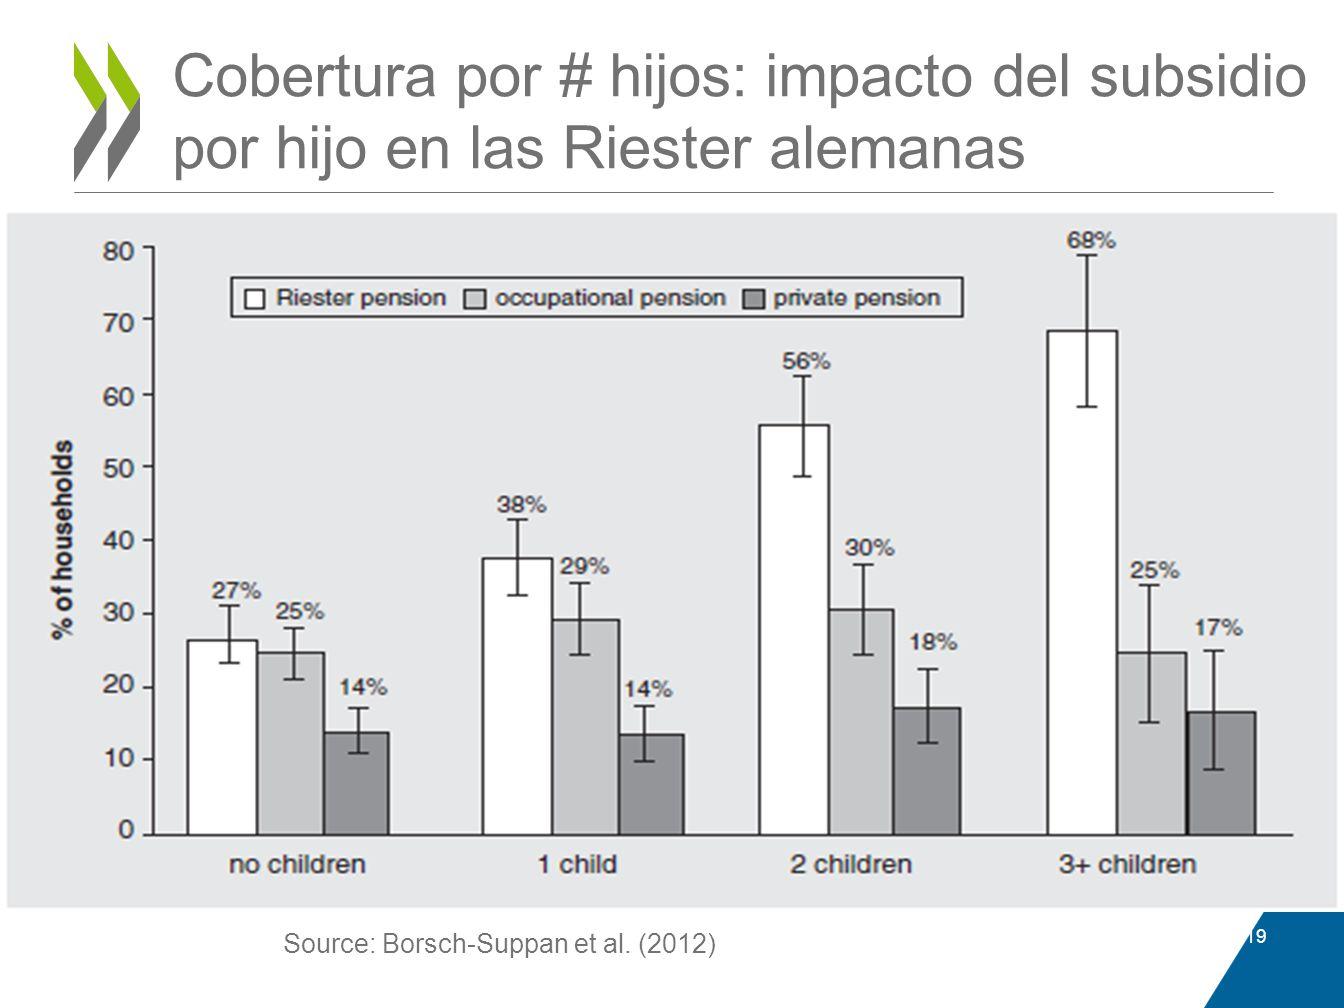 Cobertura por # hijos: impacto del subsidio por hijo en las Riester alemanas